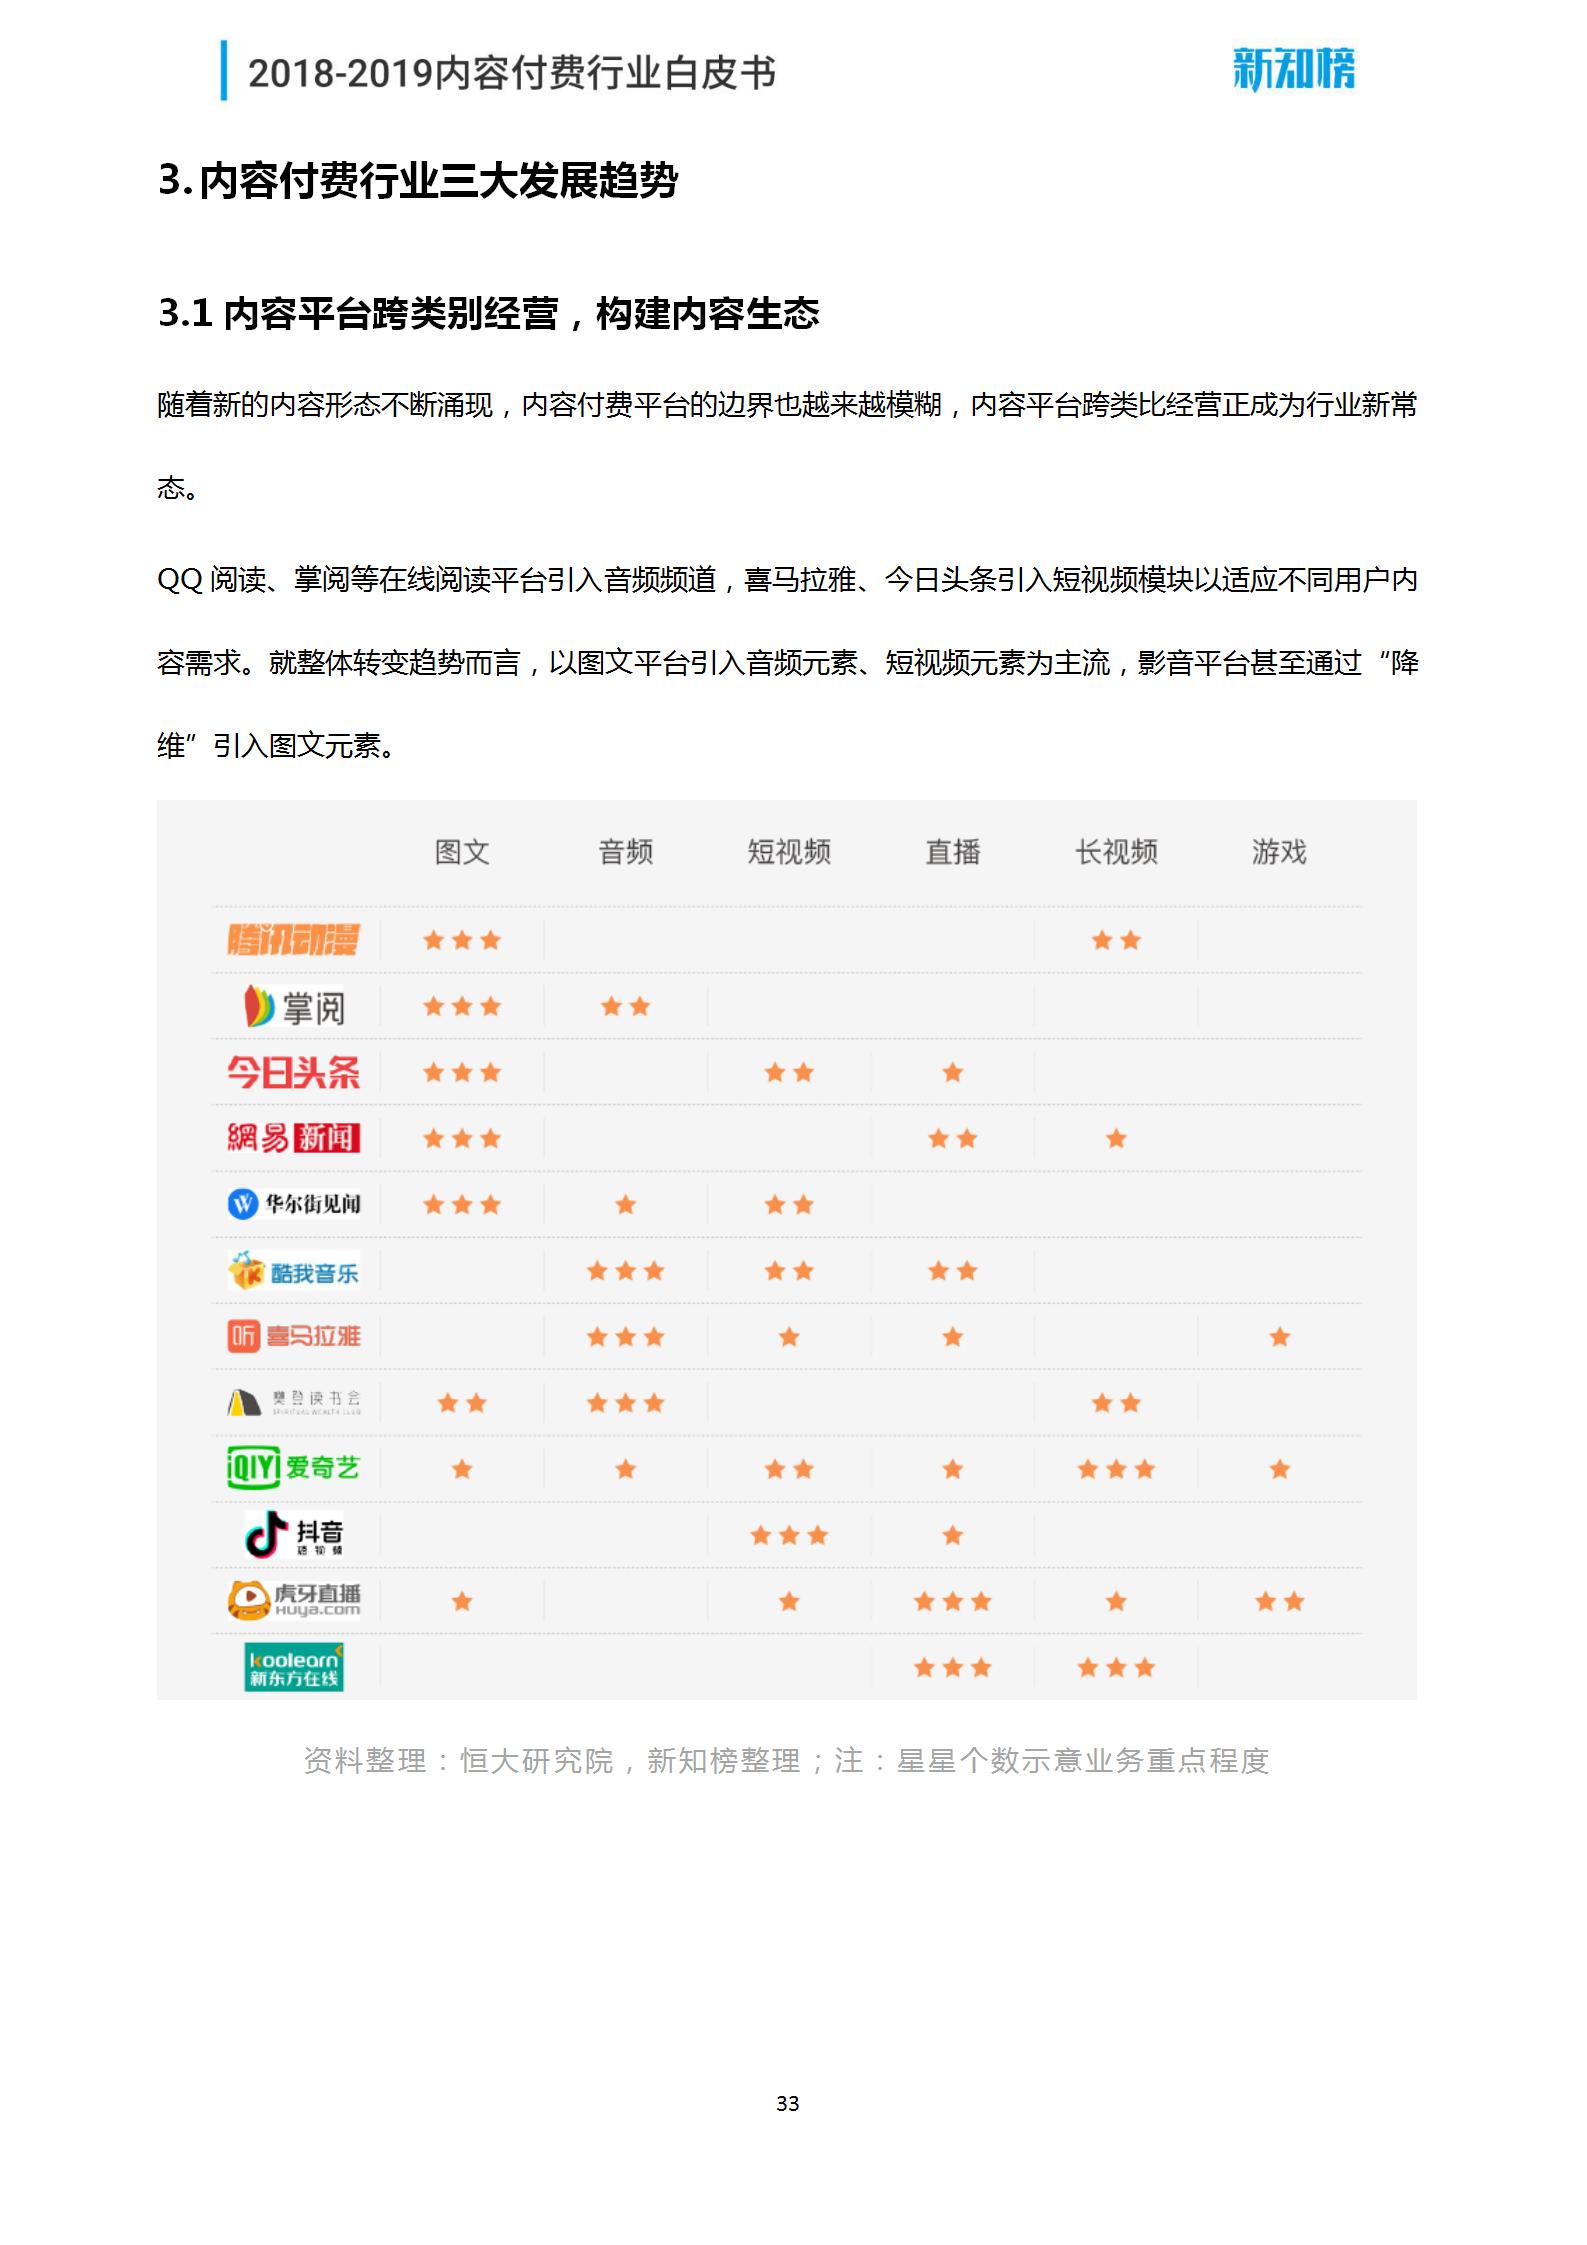 新知榜2018-2019内容付费行业白皮书_33.png